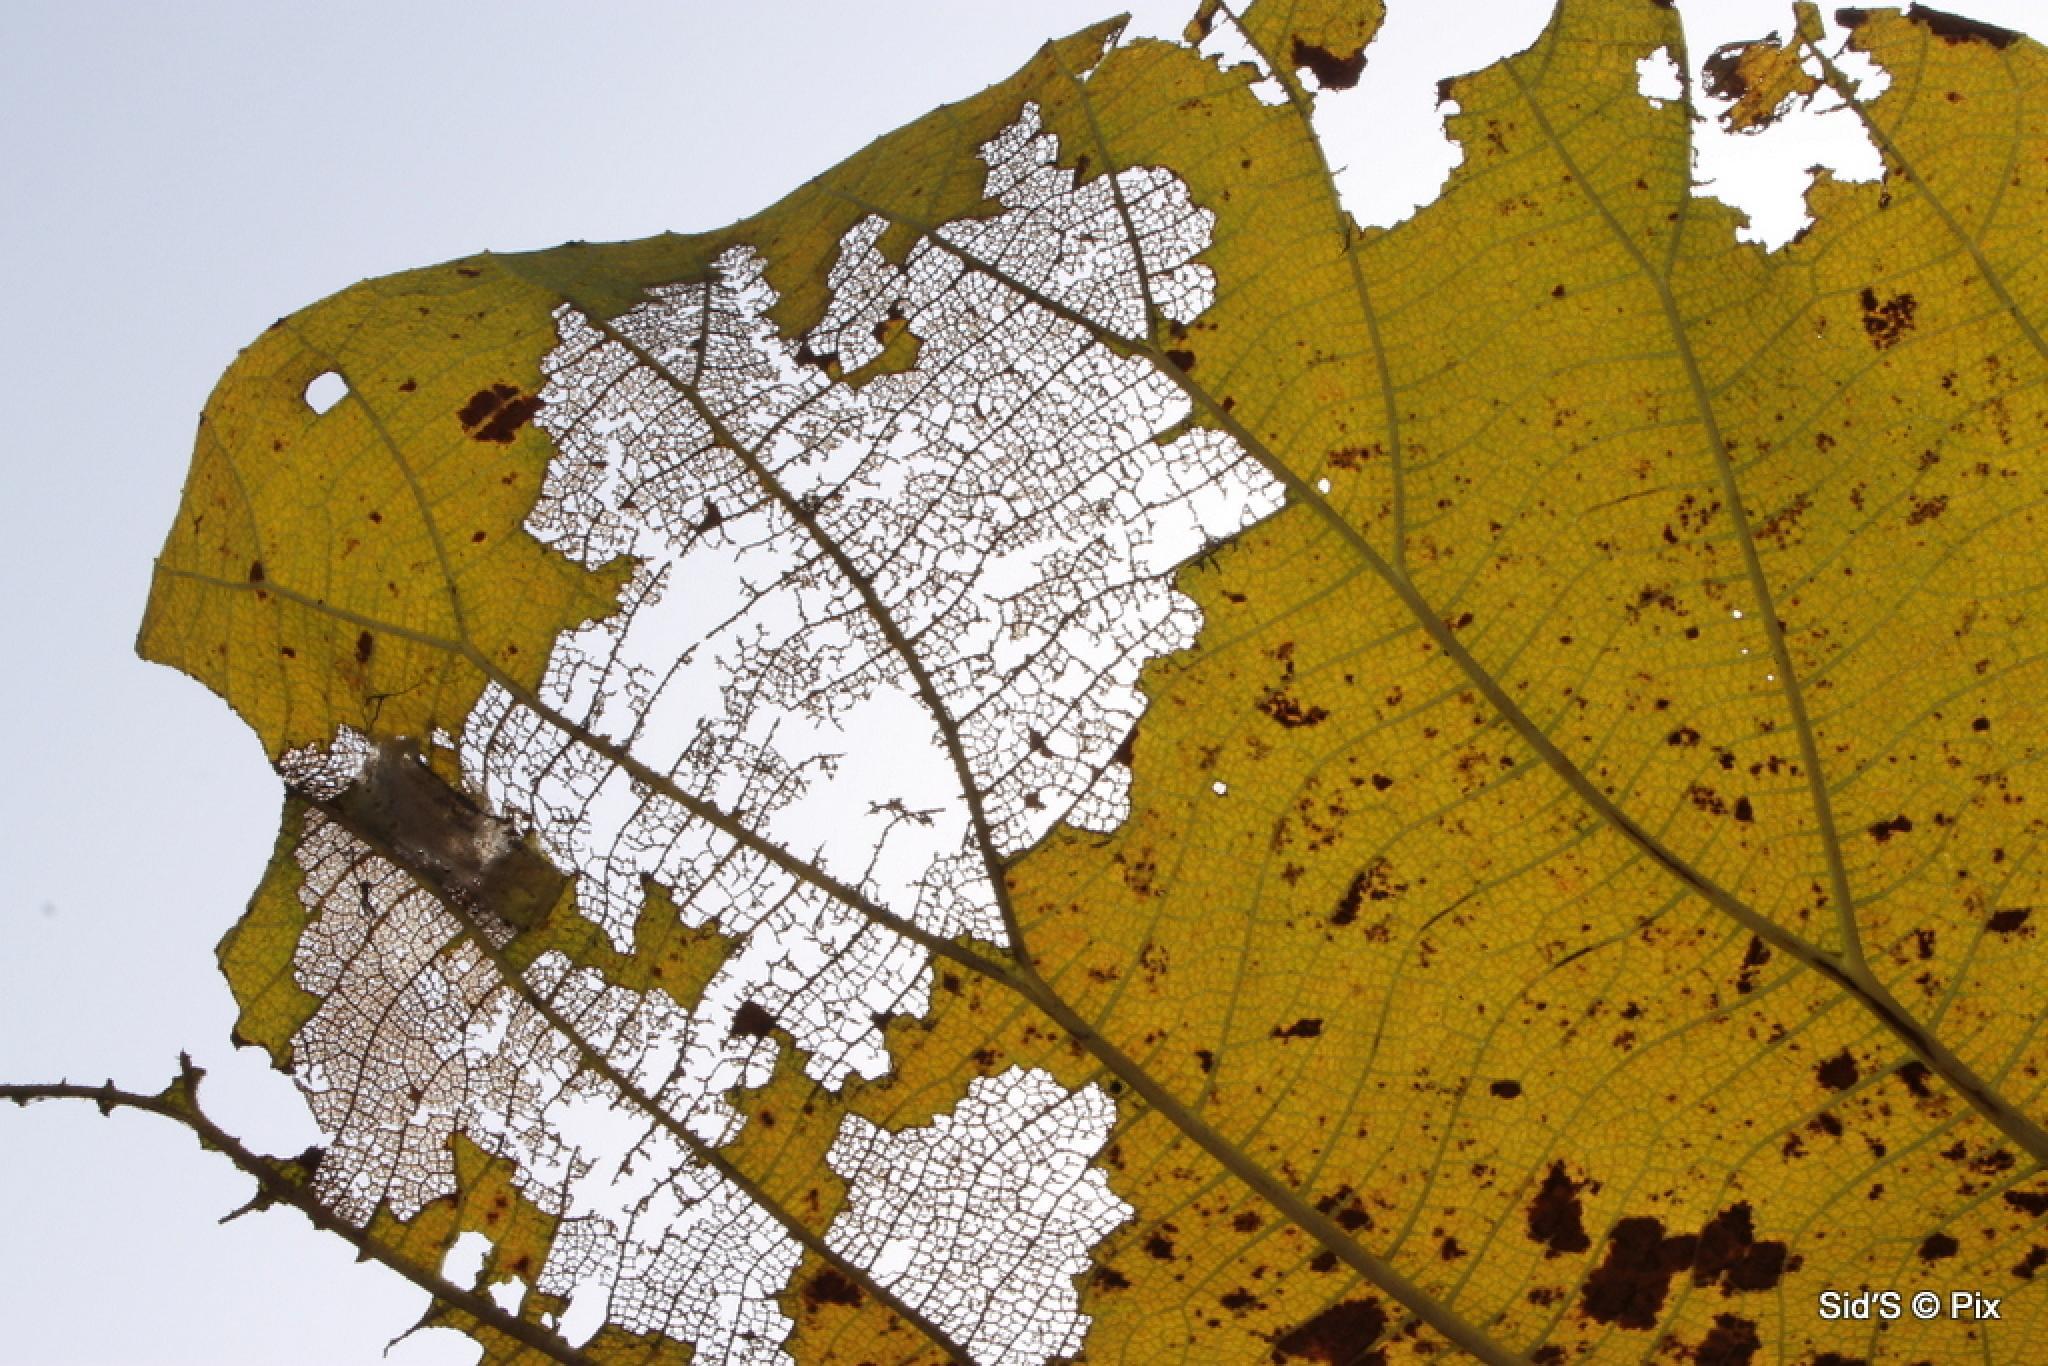 The Dead Leaf by Siddharth Sanyal